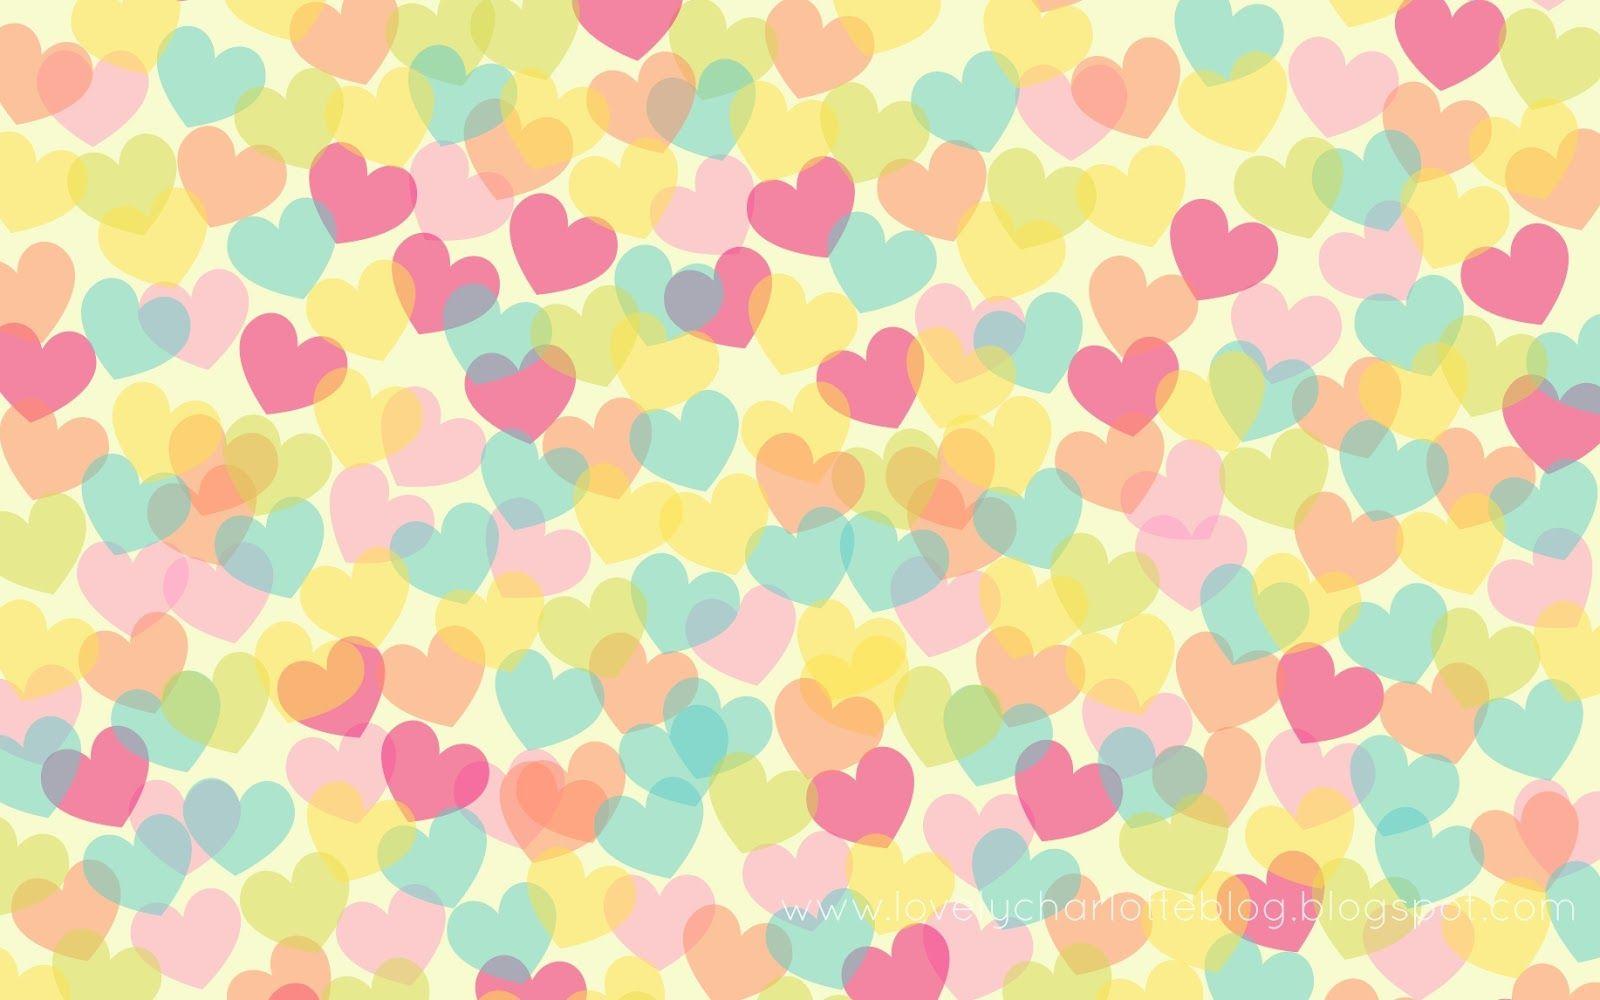 Fondo corazones para protector de pantalla 8 hd wallpapers for Fondo de pantalla chulos